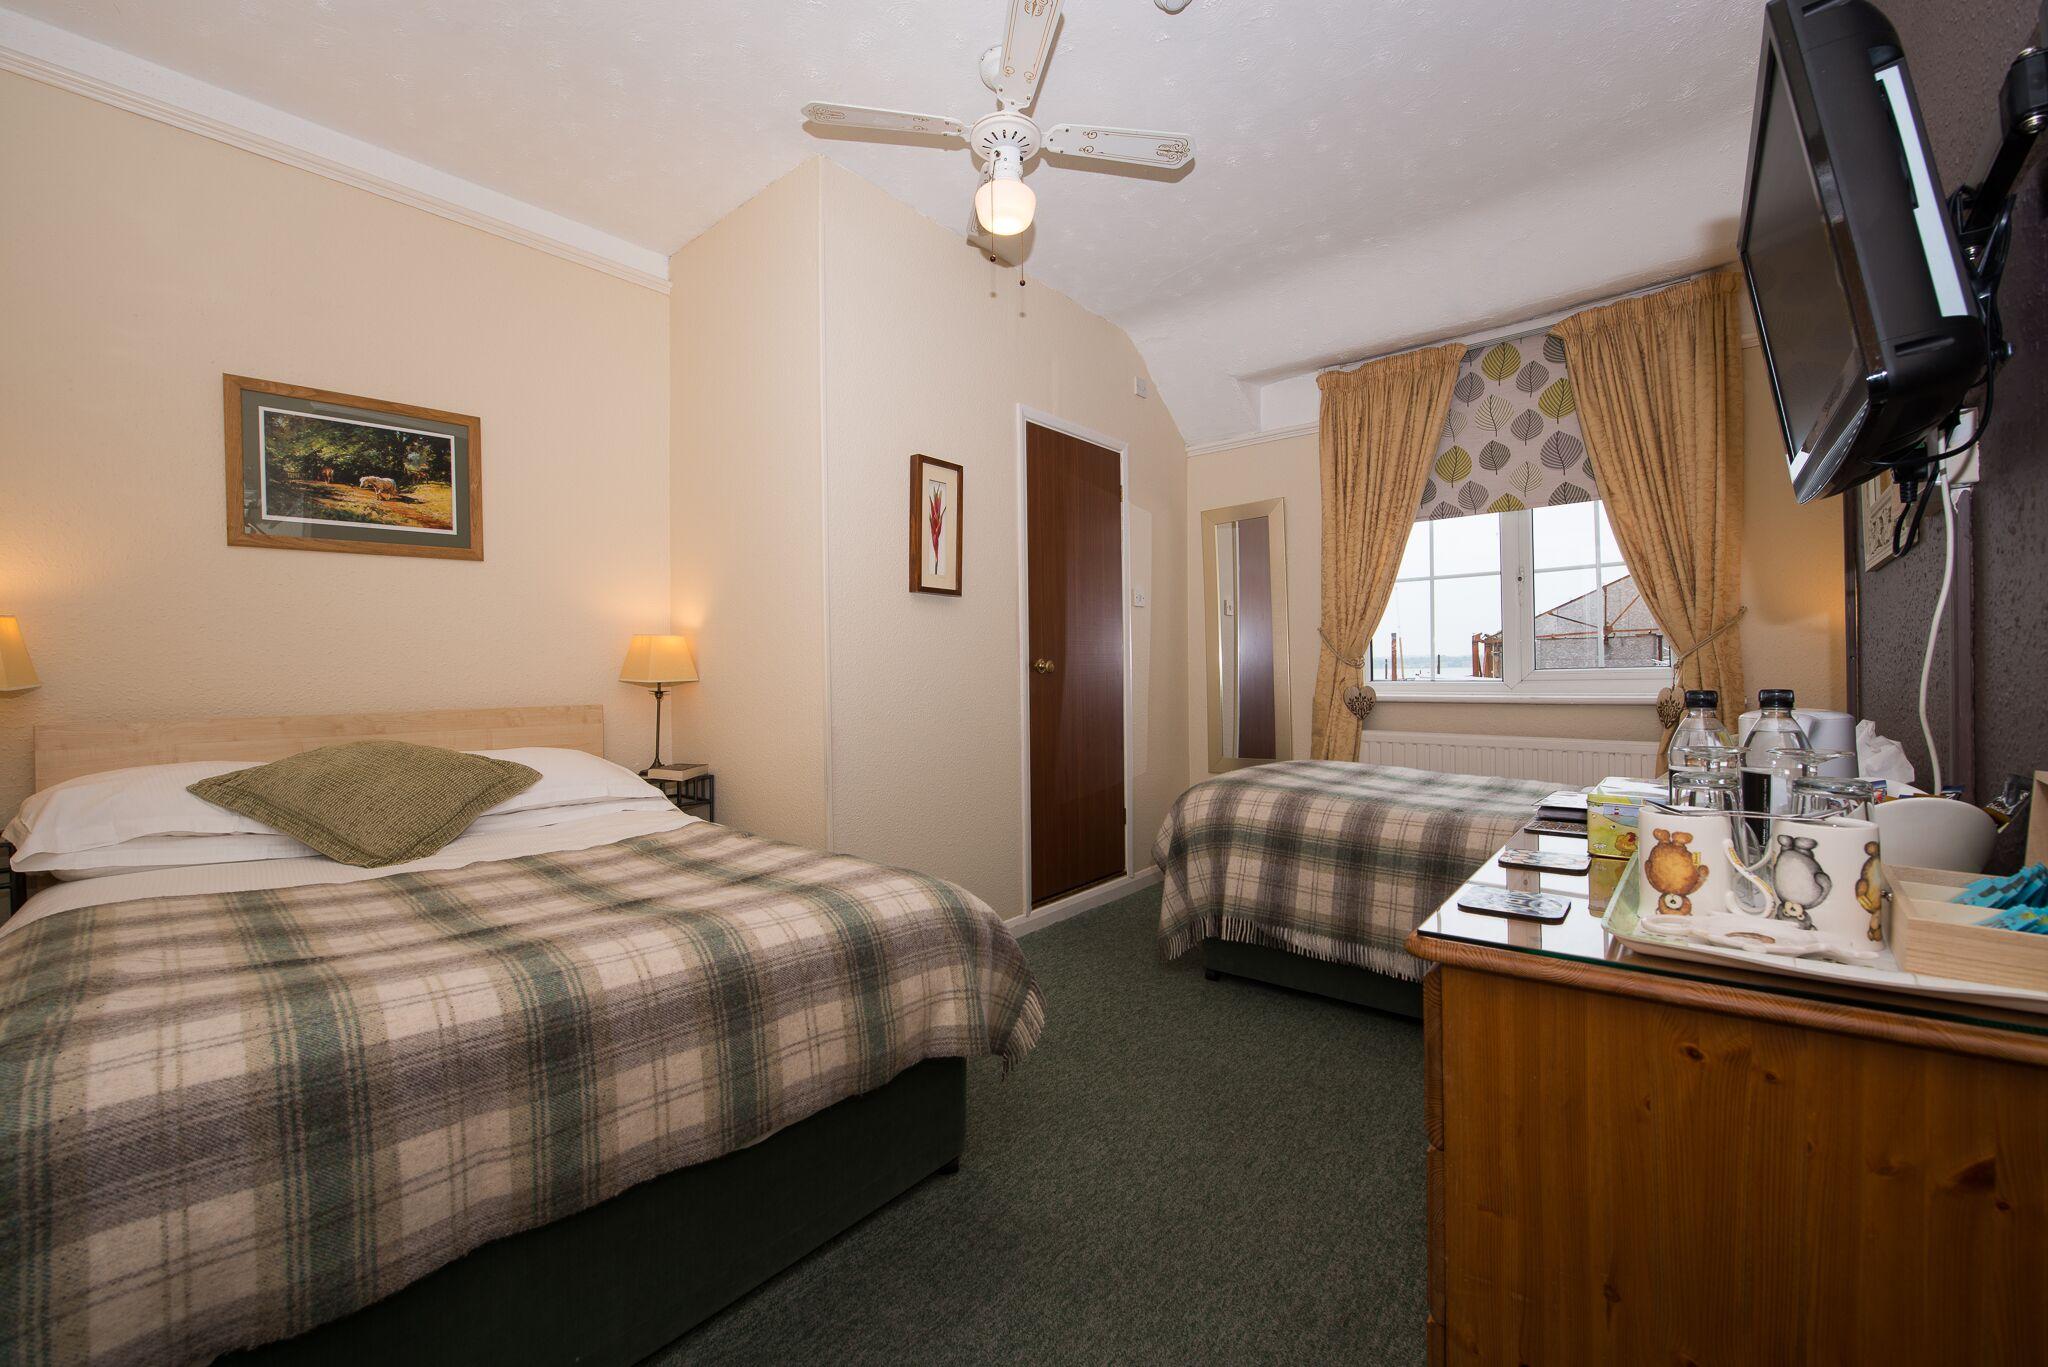 En Suite Rooms: Room 6 Family En-suite Room (Double Bed, Single Bed